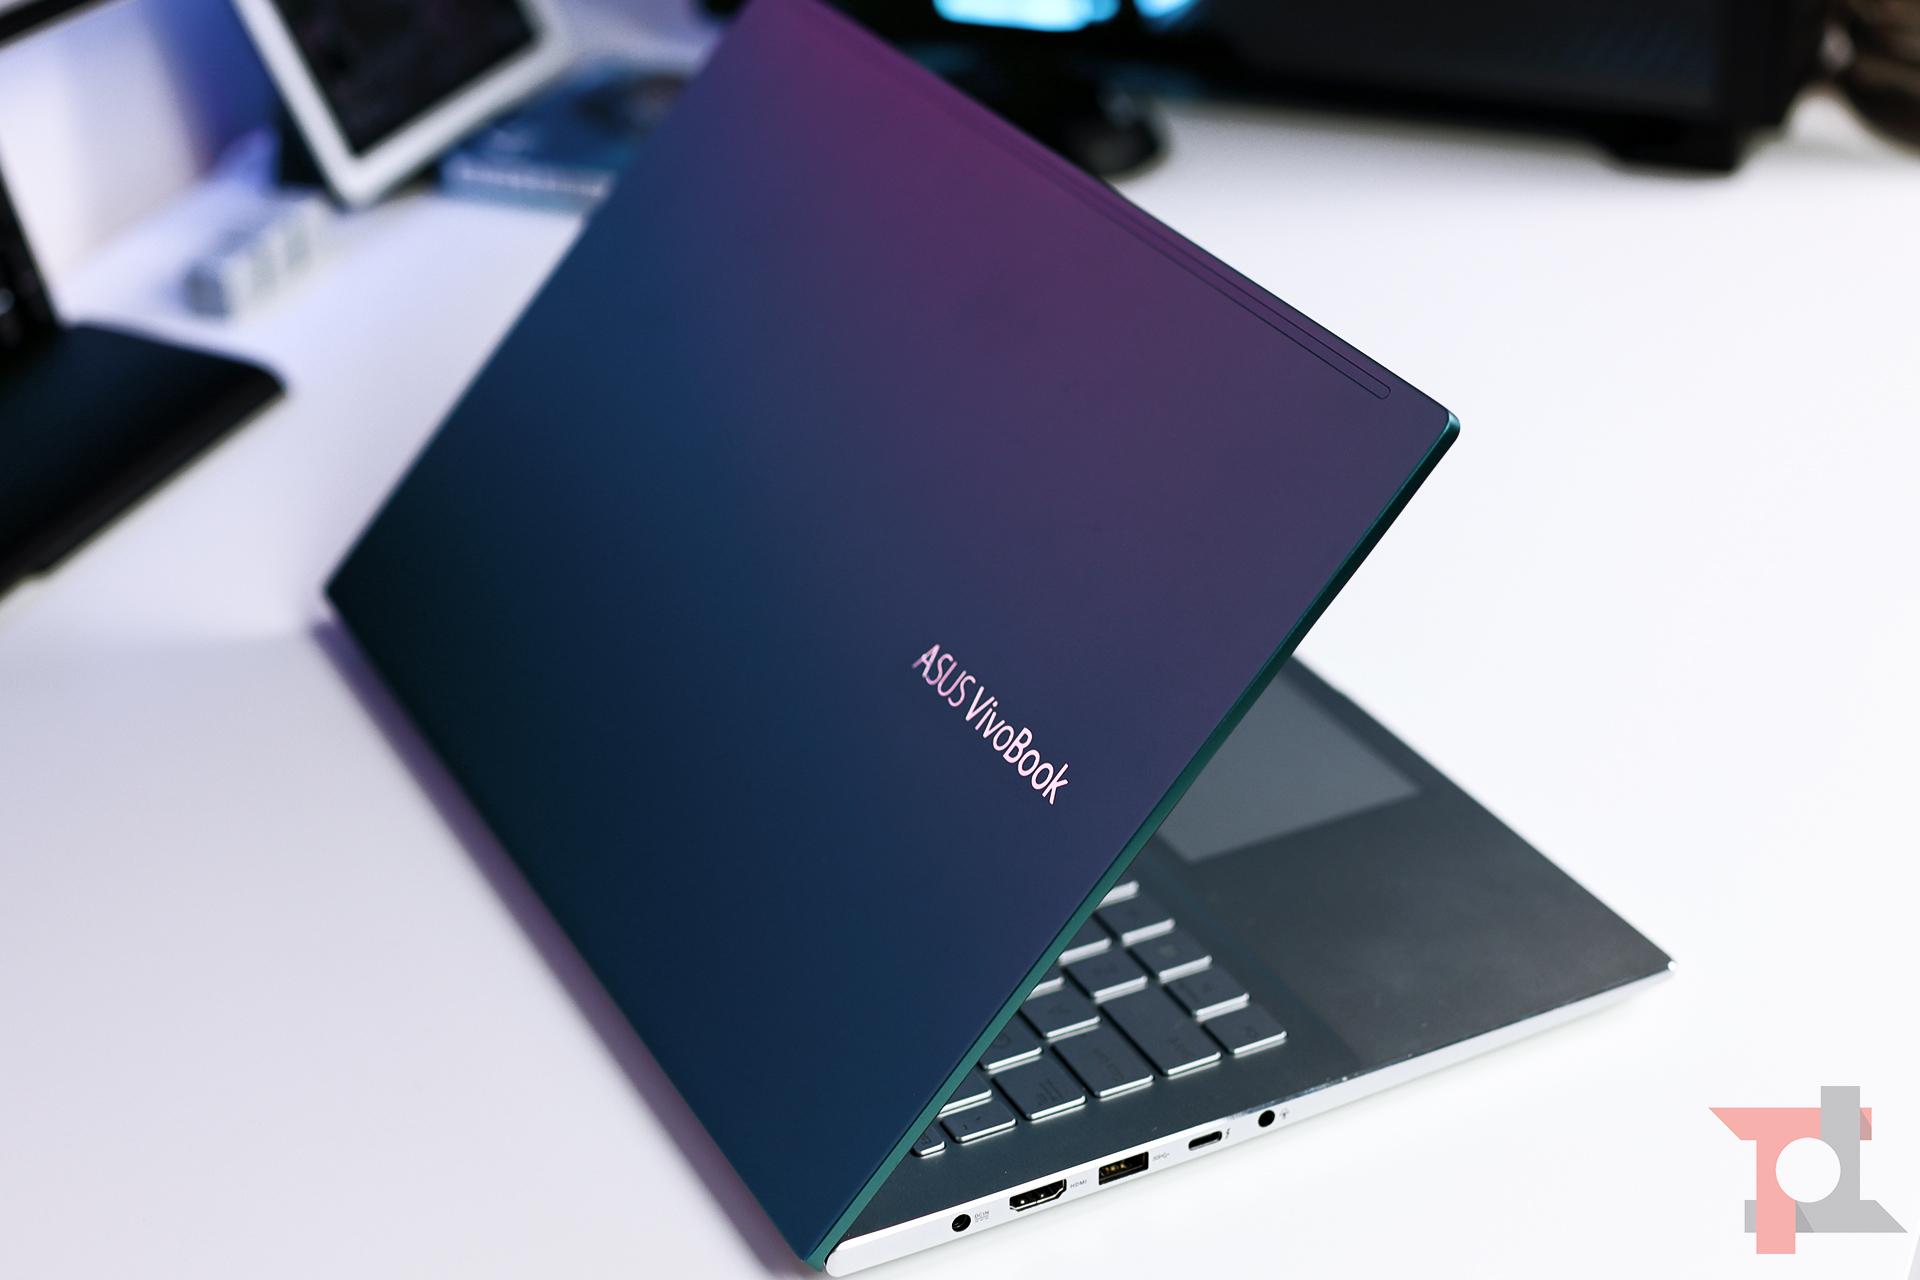 La potenza degli Intel Core 11gen non sarà esclusiva dei notebook premium: ecco Vivobook S533 di Asus 1